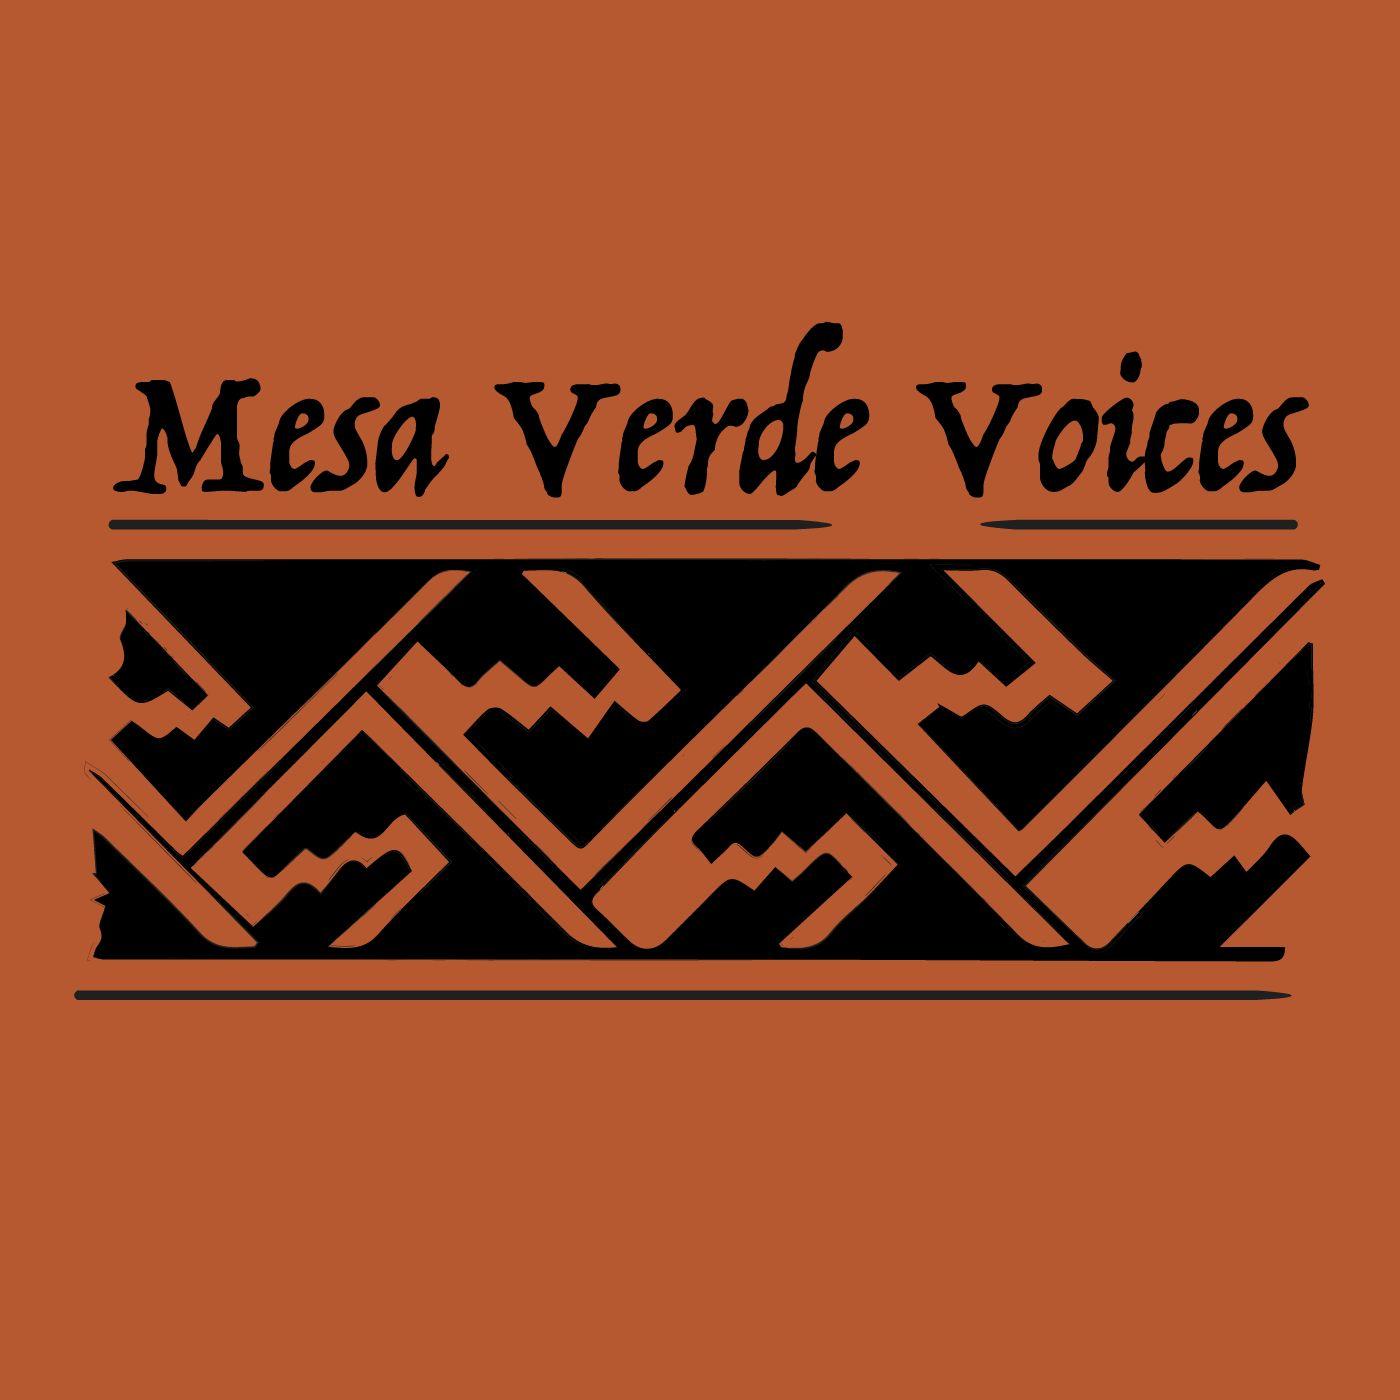 Mesa Verde Voices